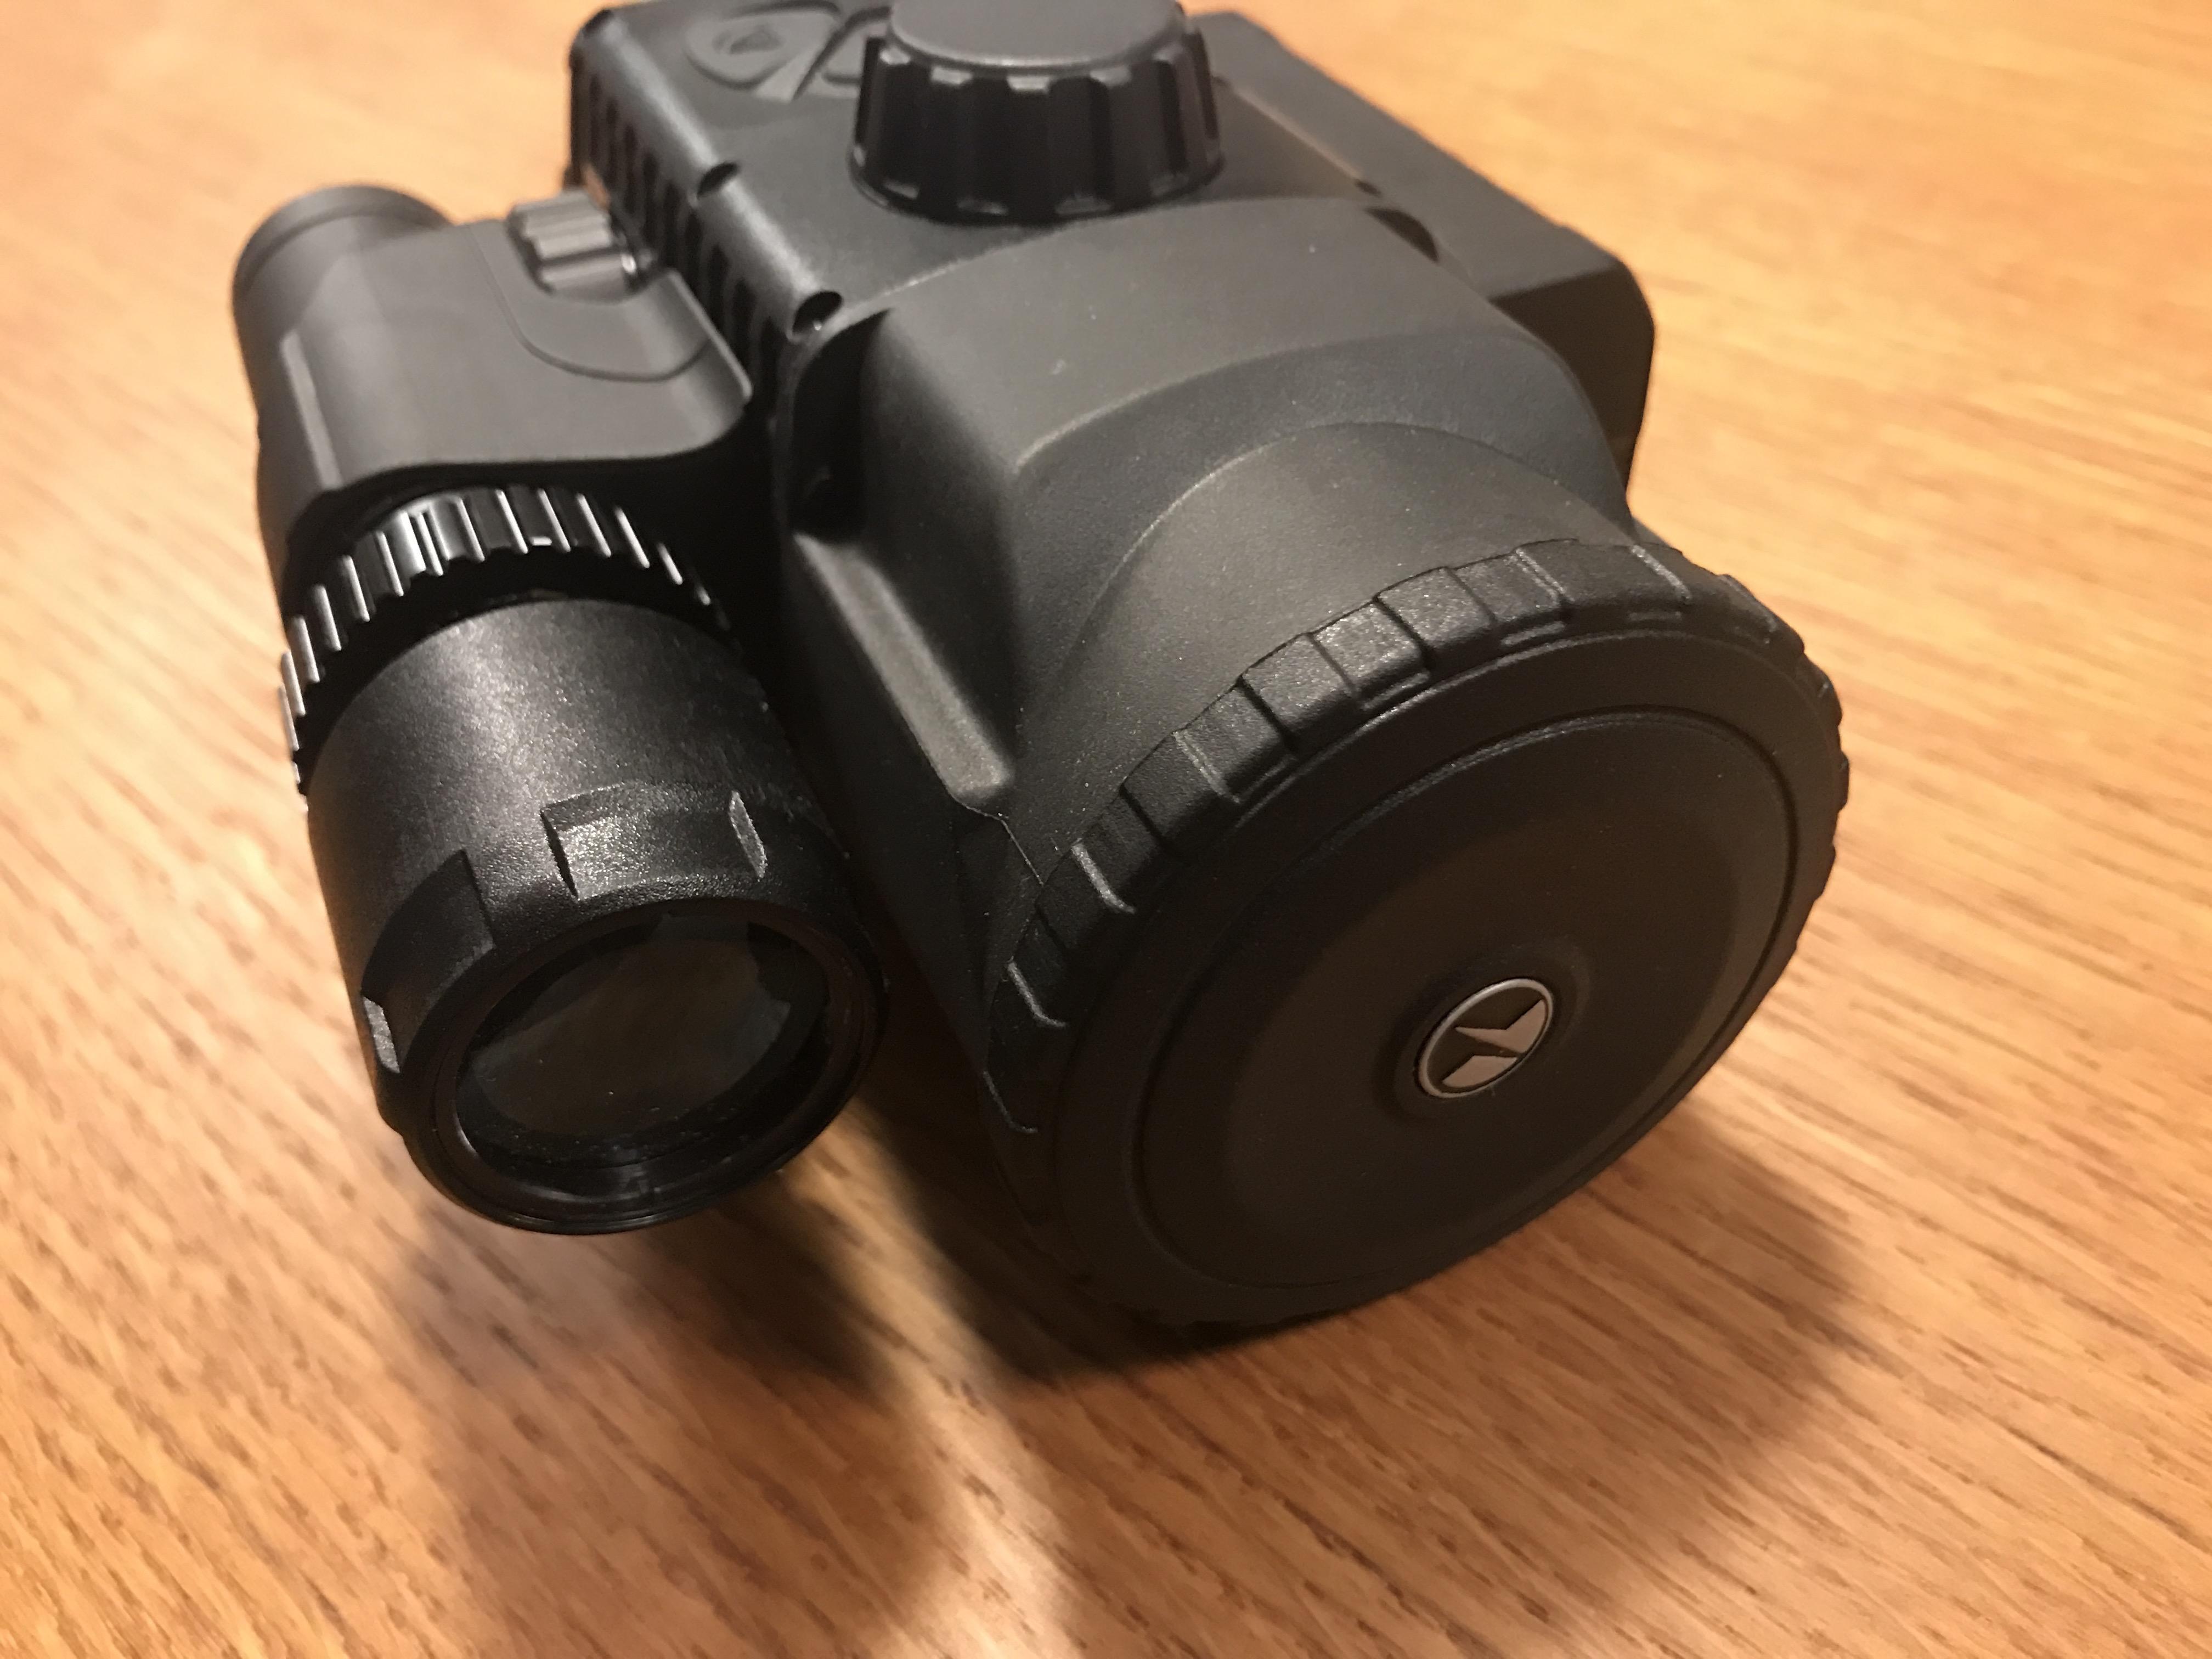 Entfernungsmesser Jagd Nikon Aculon : Test u jagd und natur